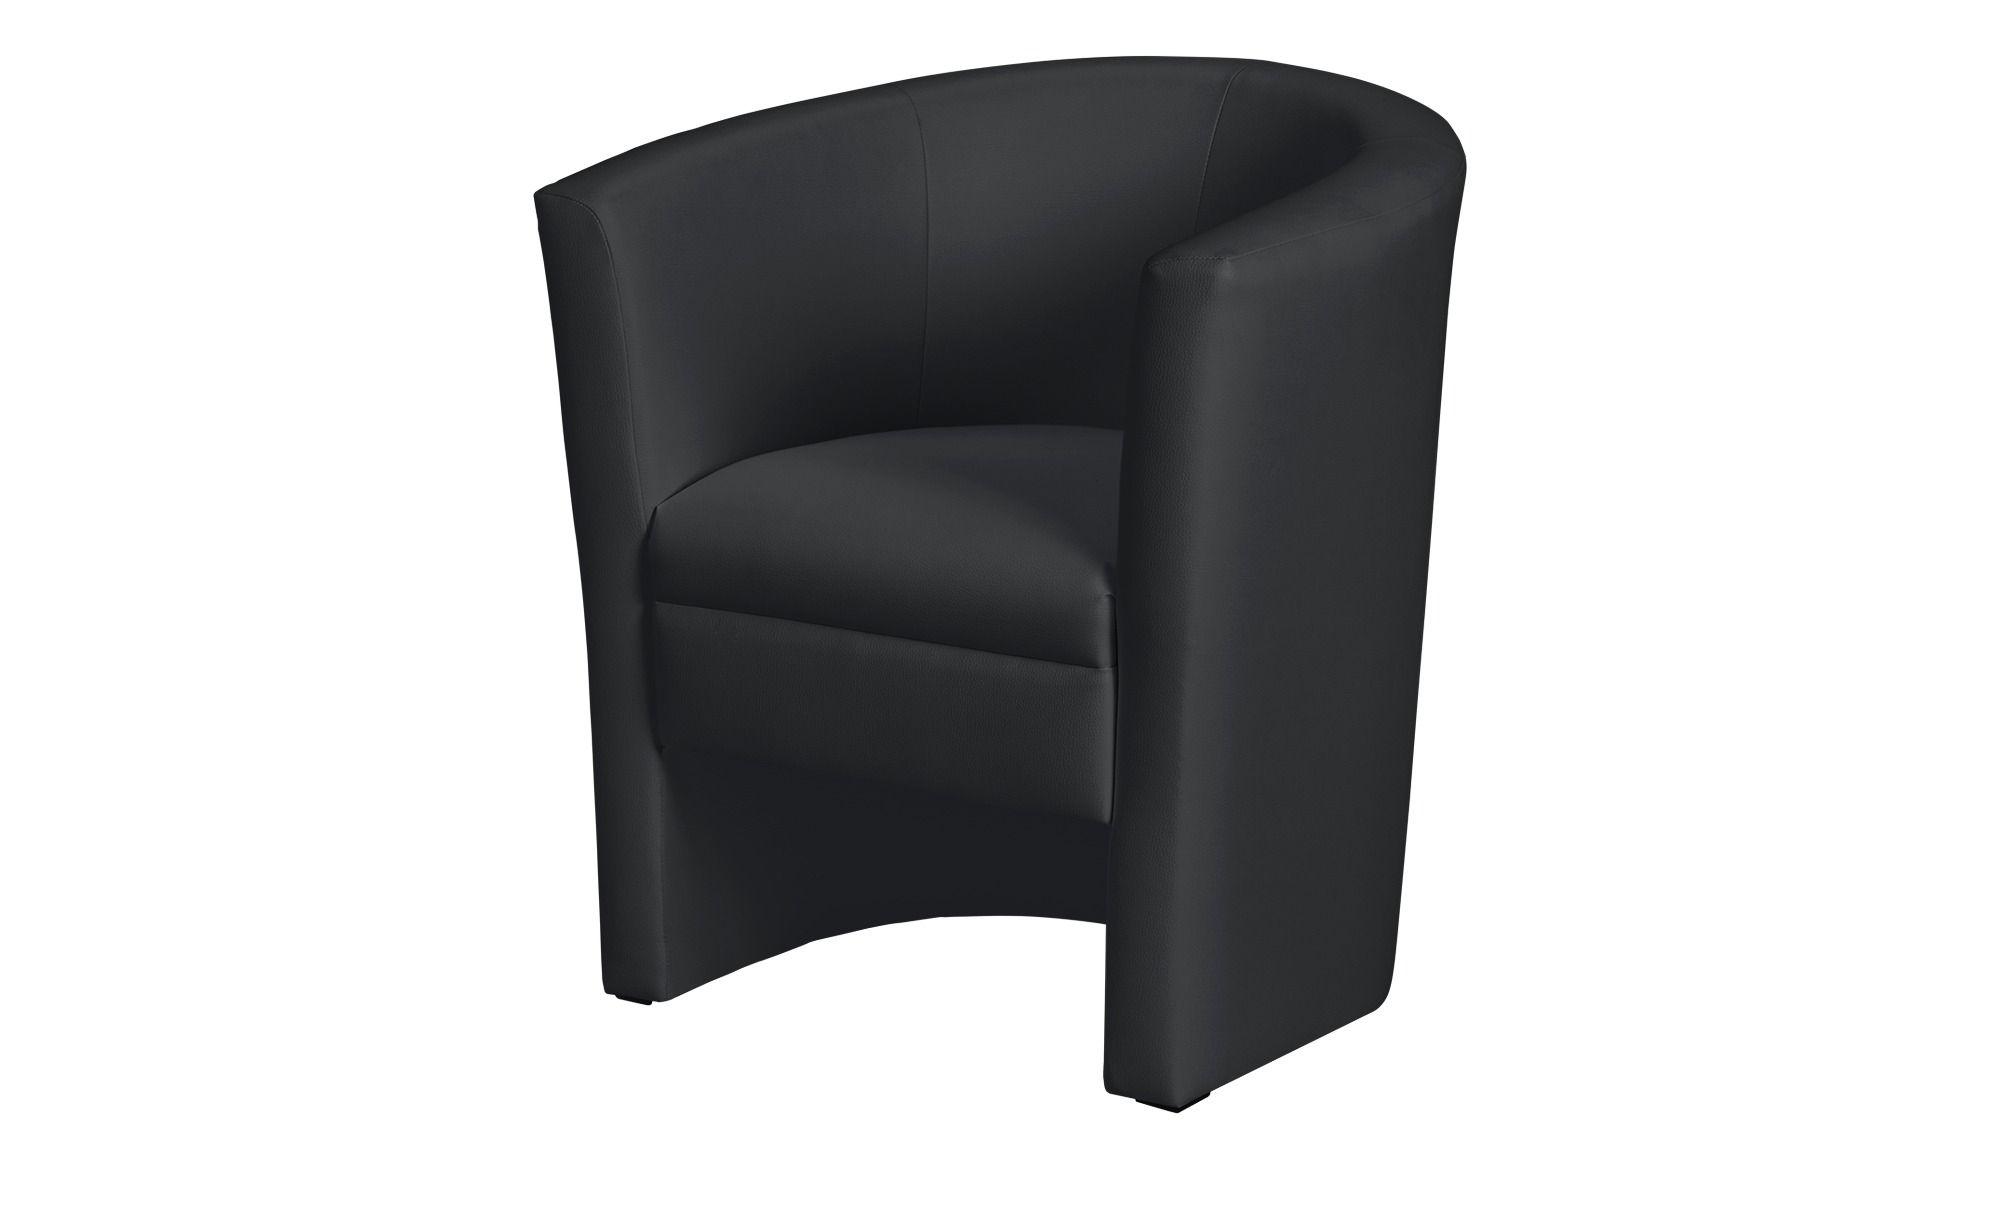 Cocktailsessel Boel Gefunden Bei Mobel Hoffner Cocktailsessel Sessel Sessel Mit Hocker